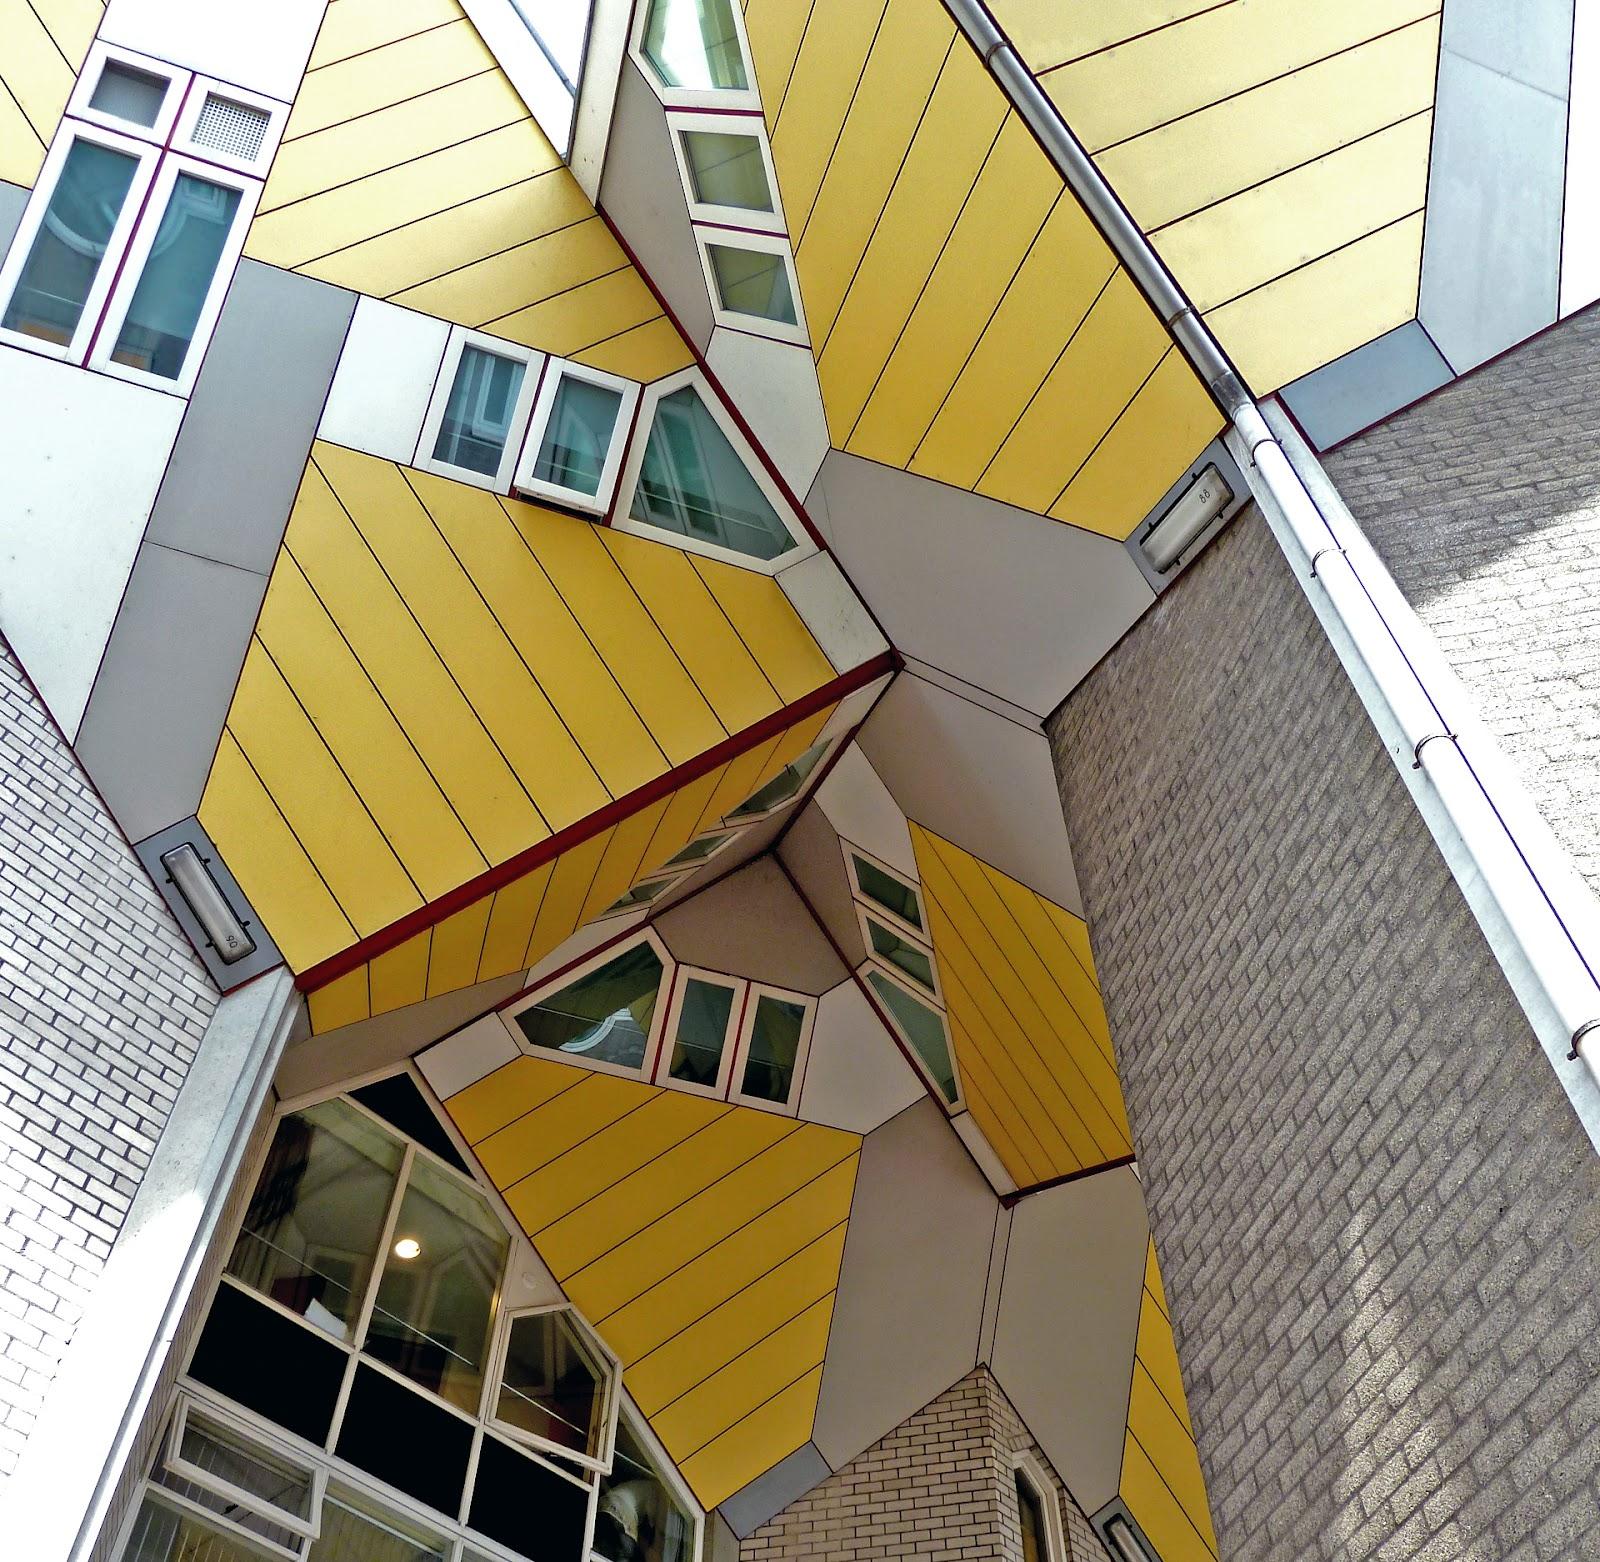 Kubuswoningen - Nieuw huis binneninrichting ...